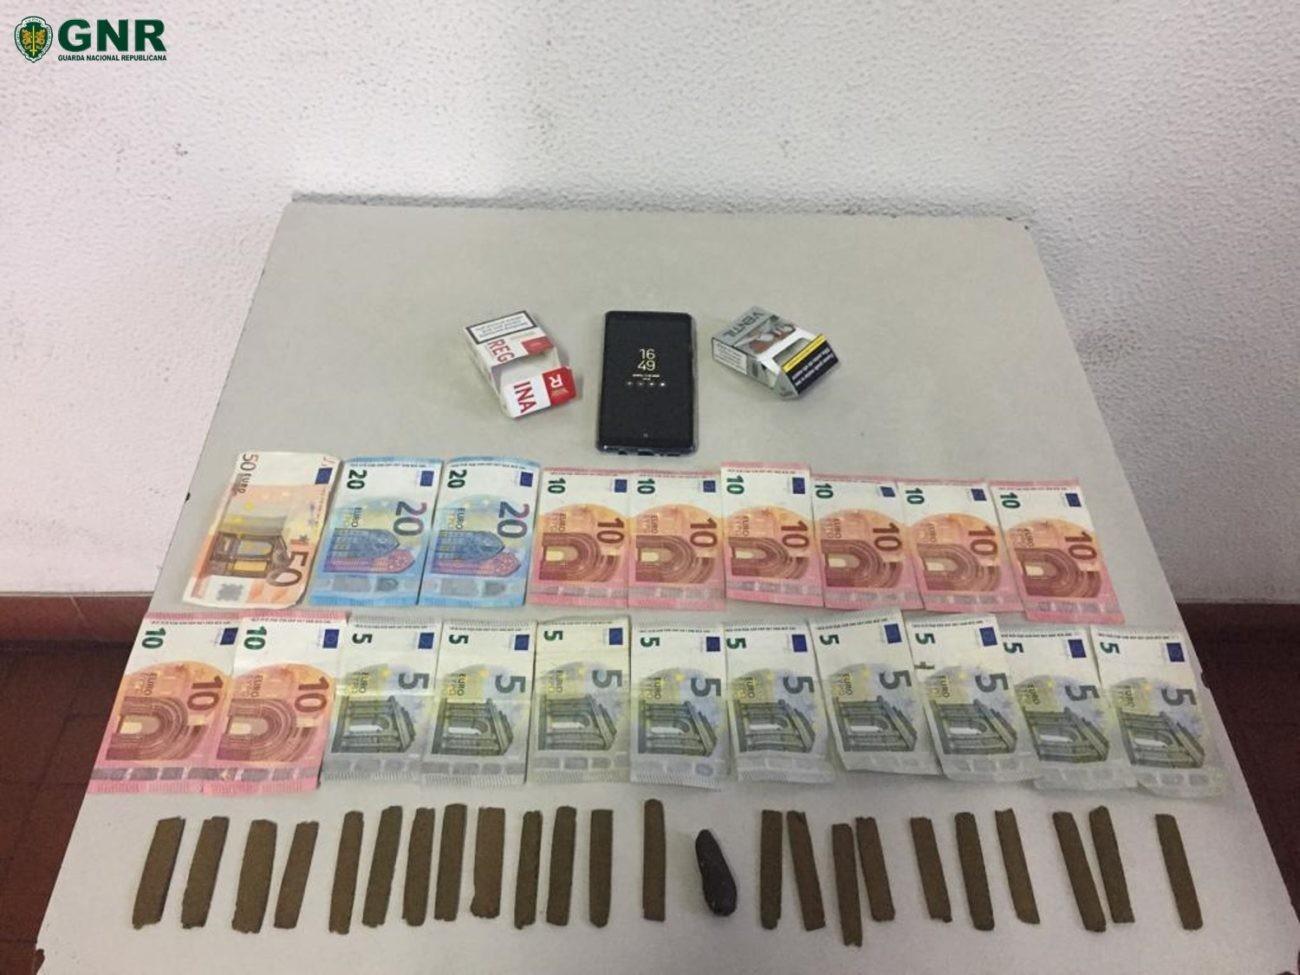 CRIME - Indivíduo detido em flagrante delito por tráfico de droga